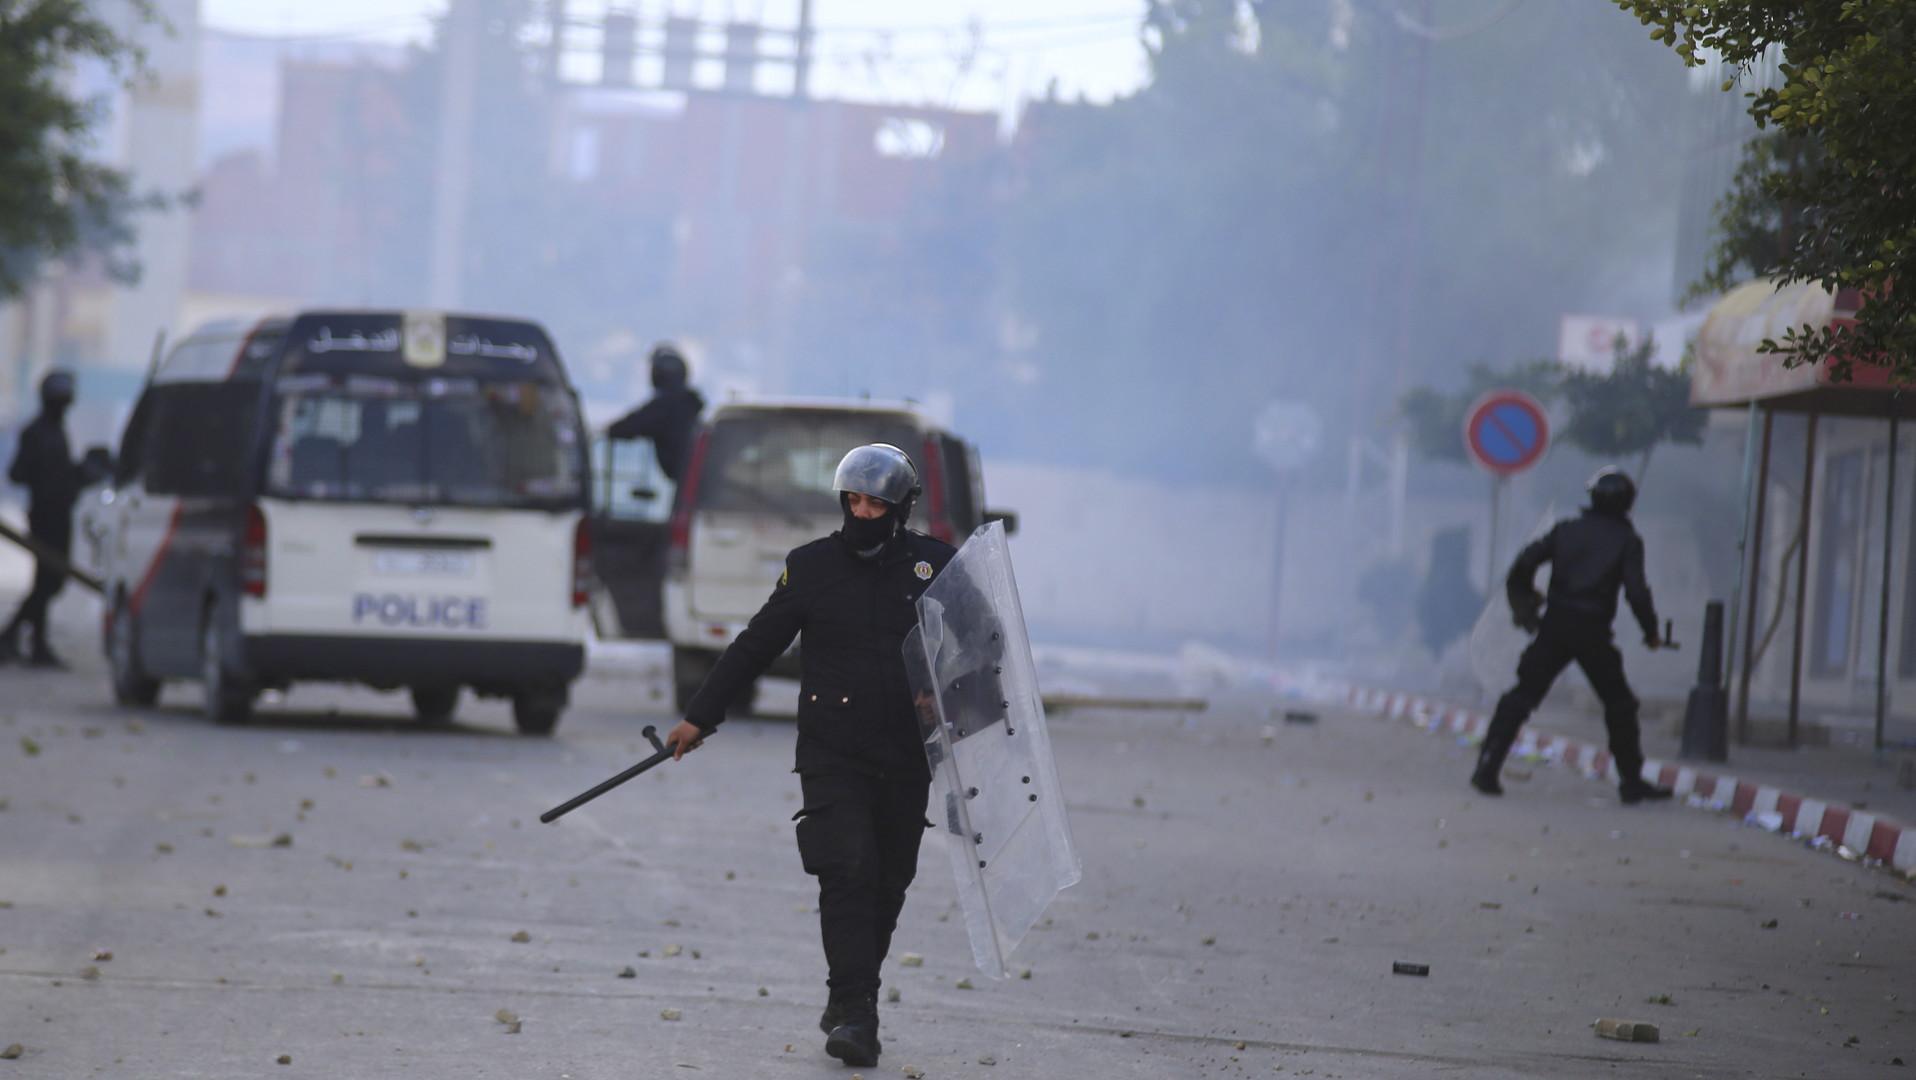 Tunisie: retour sur les plus importantes contestations sociales depuis la révolution de 2011